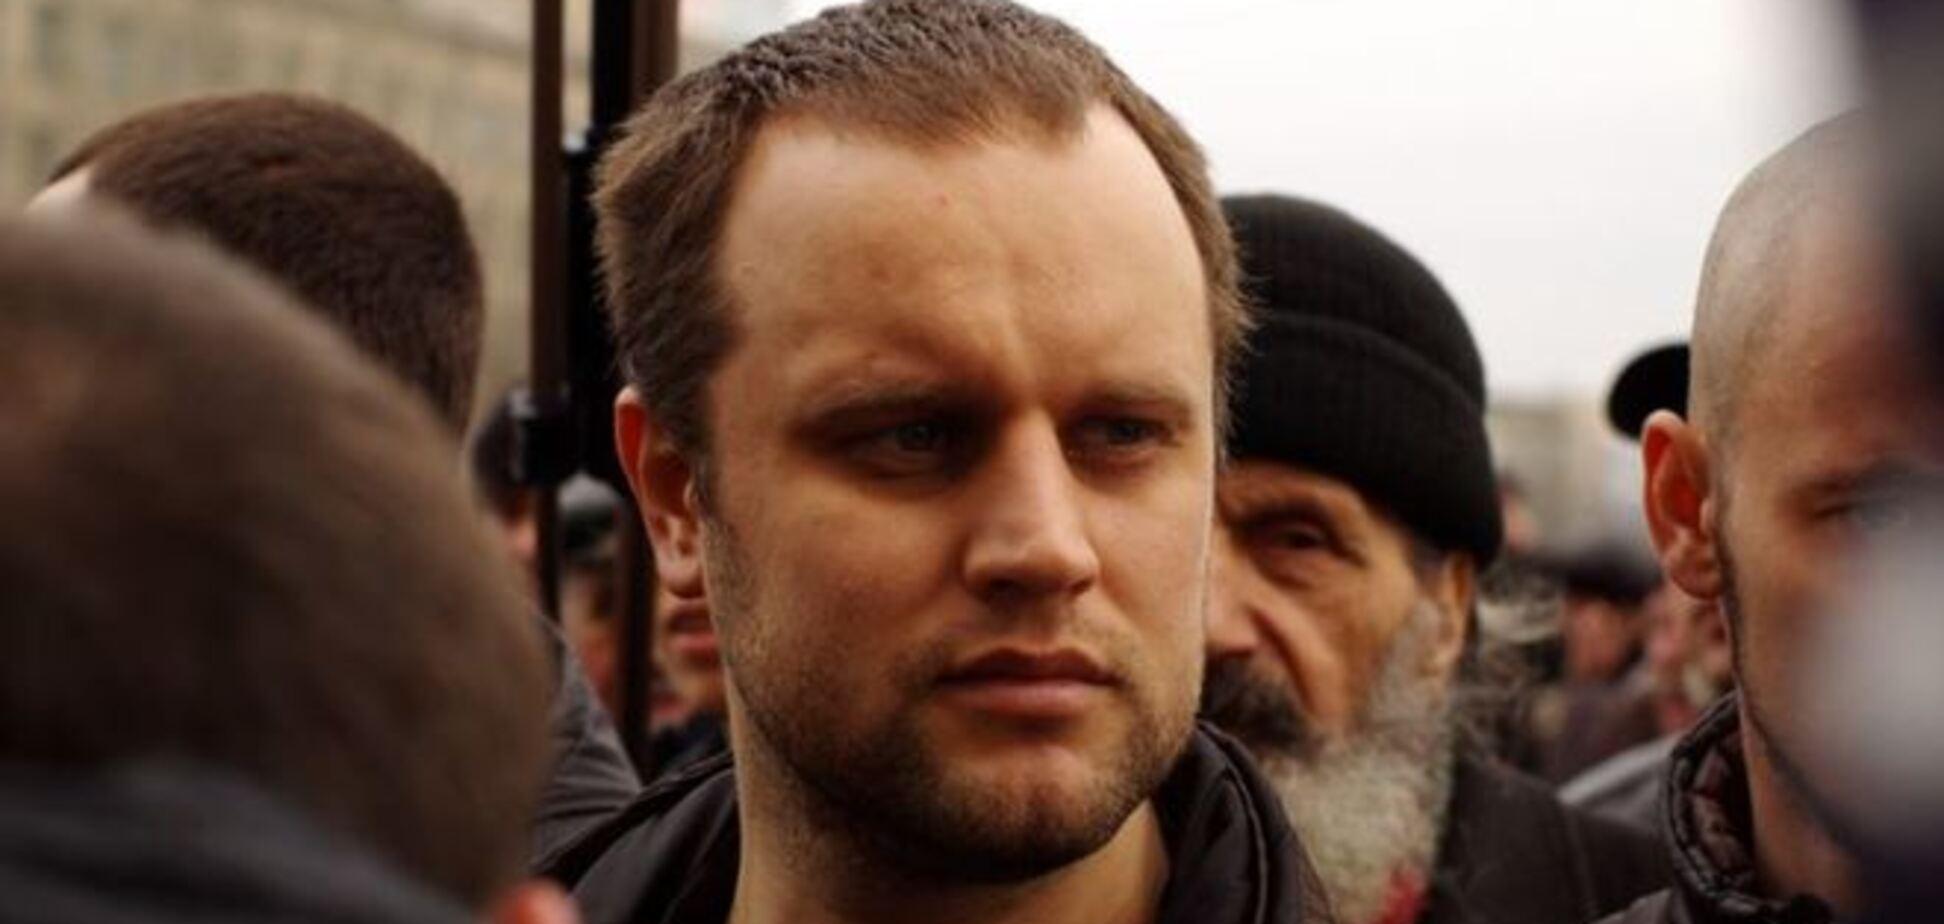 Губарєва обміняли на трьох ''альфівців'', в СБУ підтверджують тільки частково